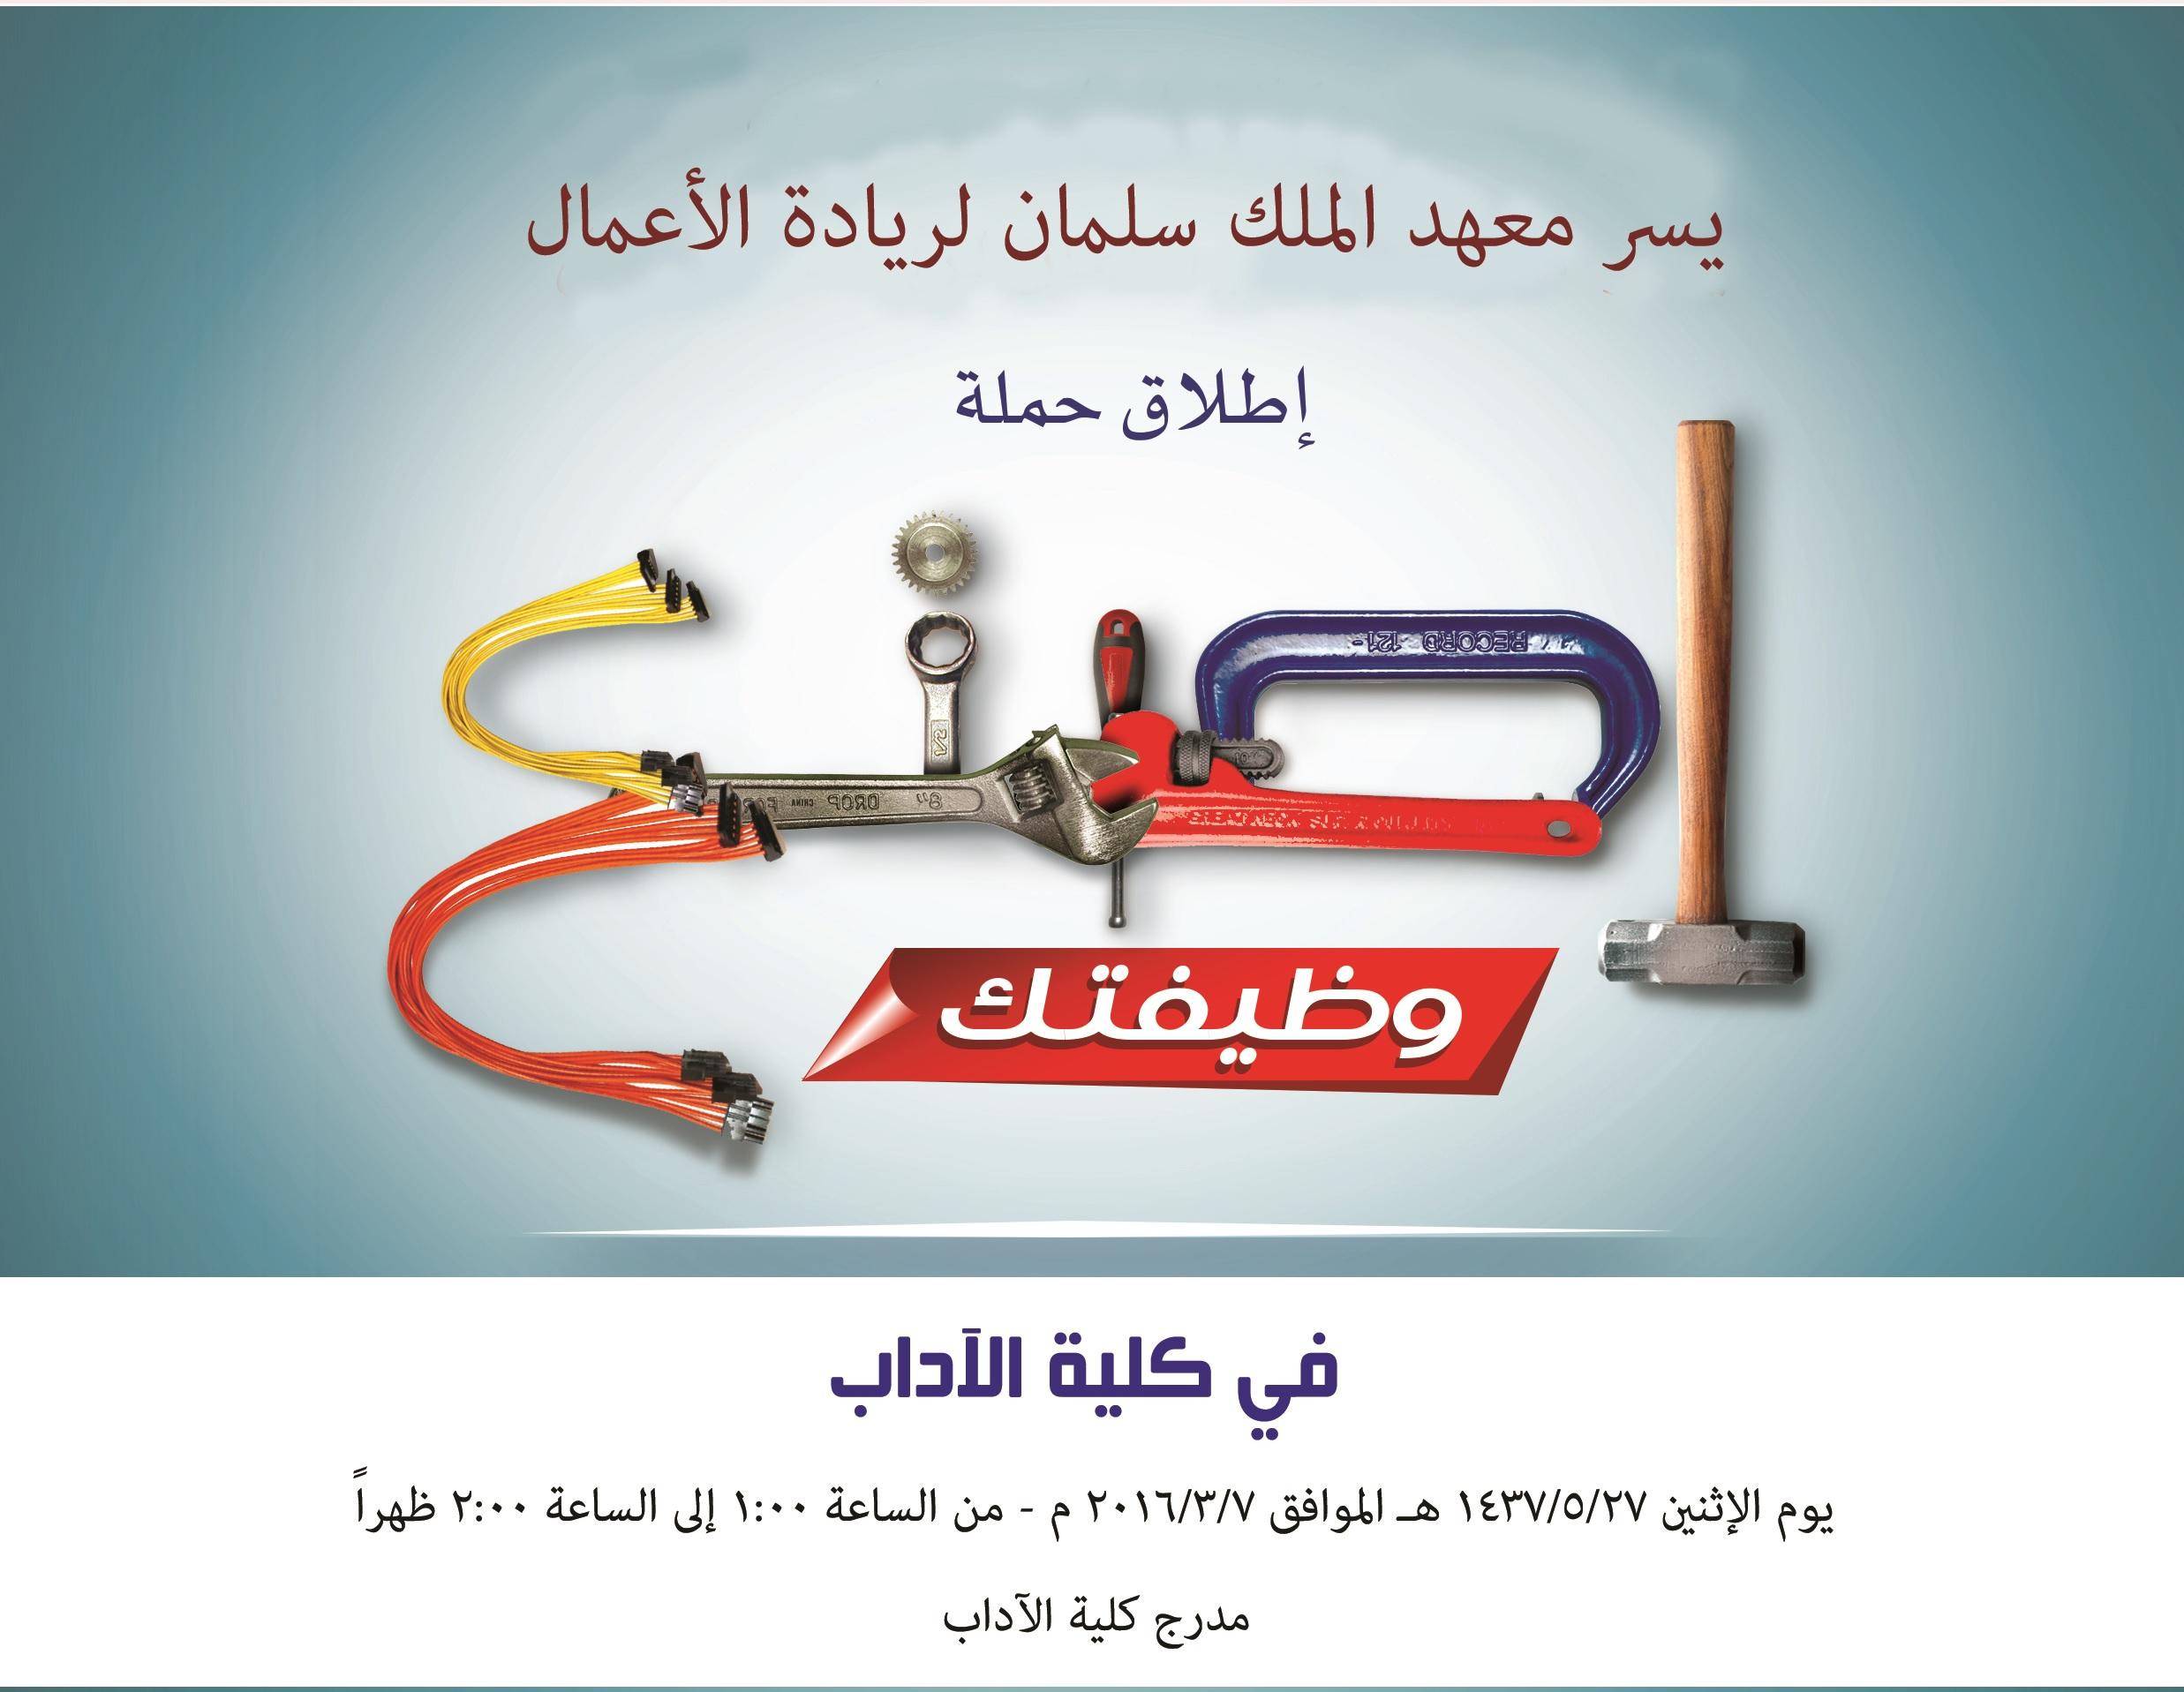 حملة إصنع وظيفتك في كلية الآداب :: تقديم د. إسماعيل باطا :: مستشار ريادة الأعمال